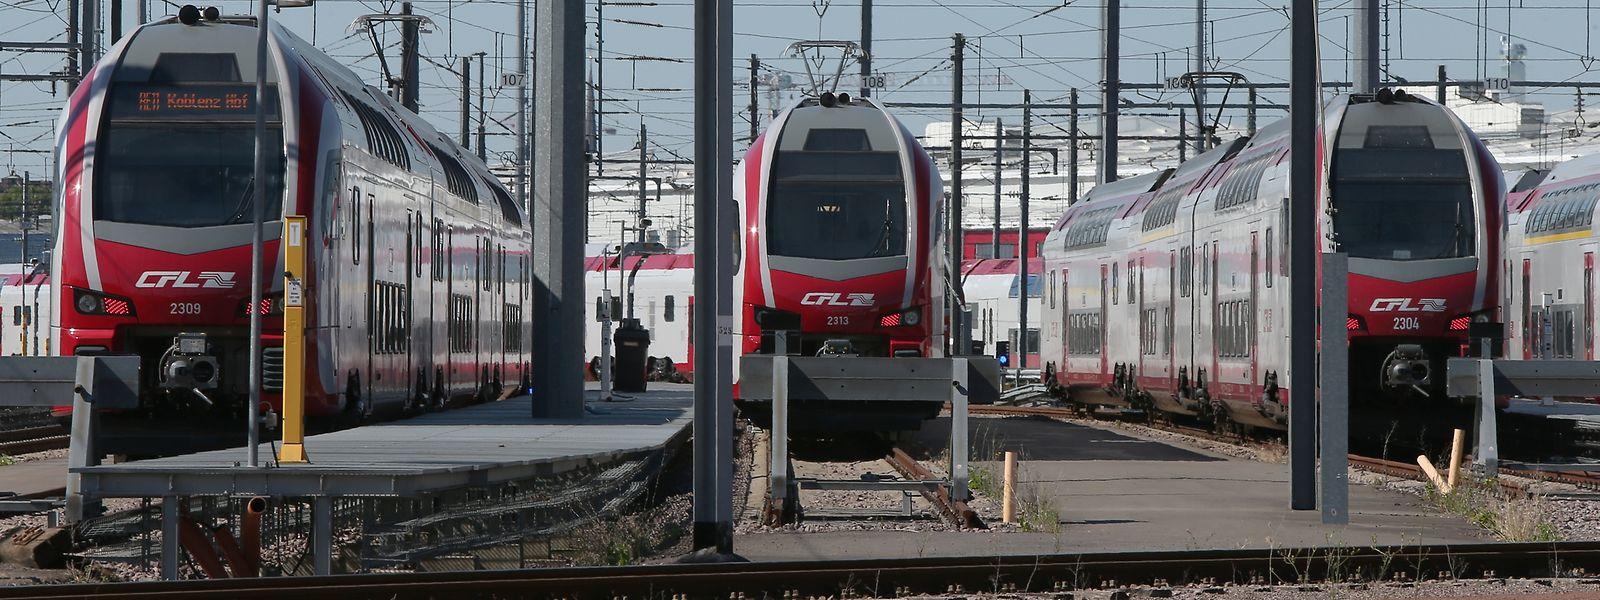 Der kostenlose öffentliche Transport wird zwar begrüßt, die Schließung der CFL-Schalter aber nicht.